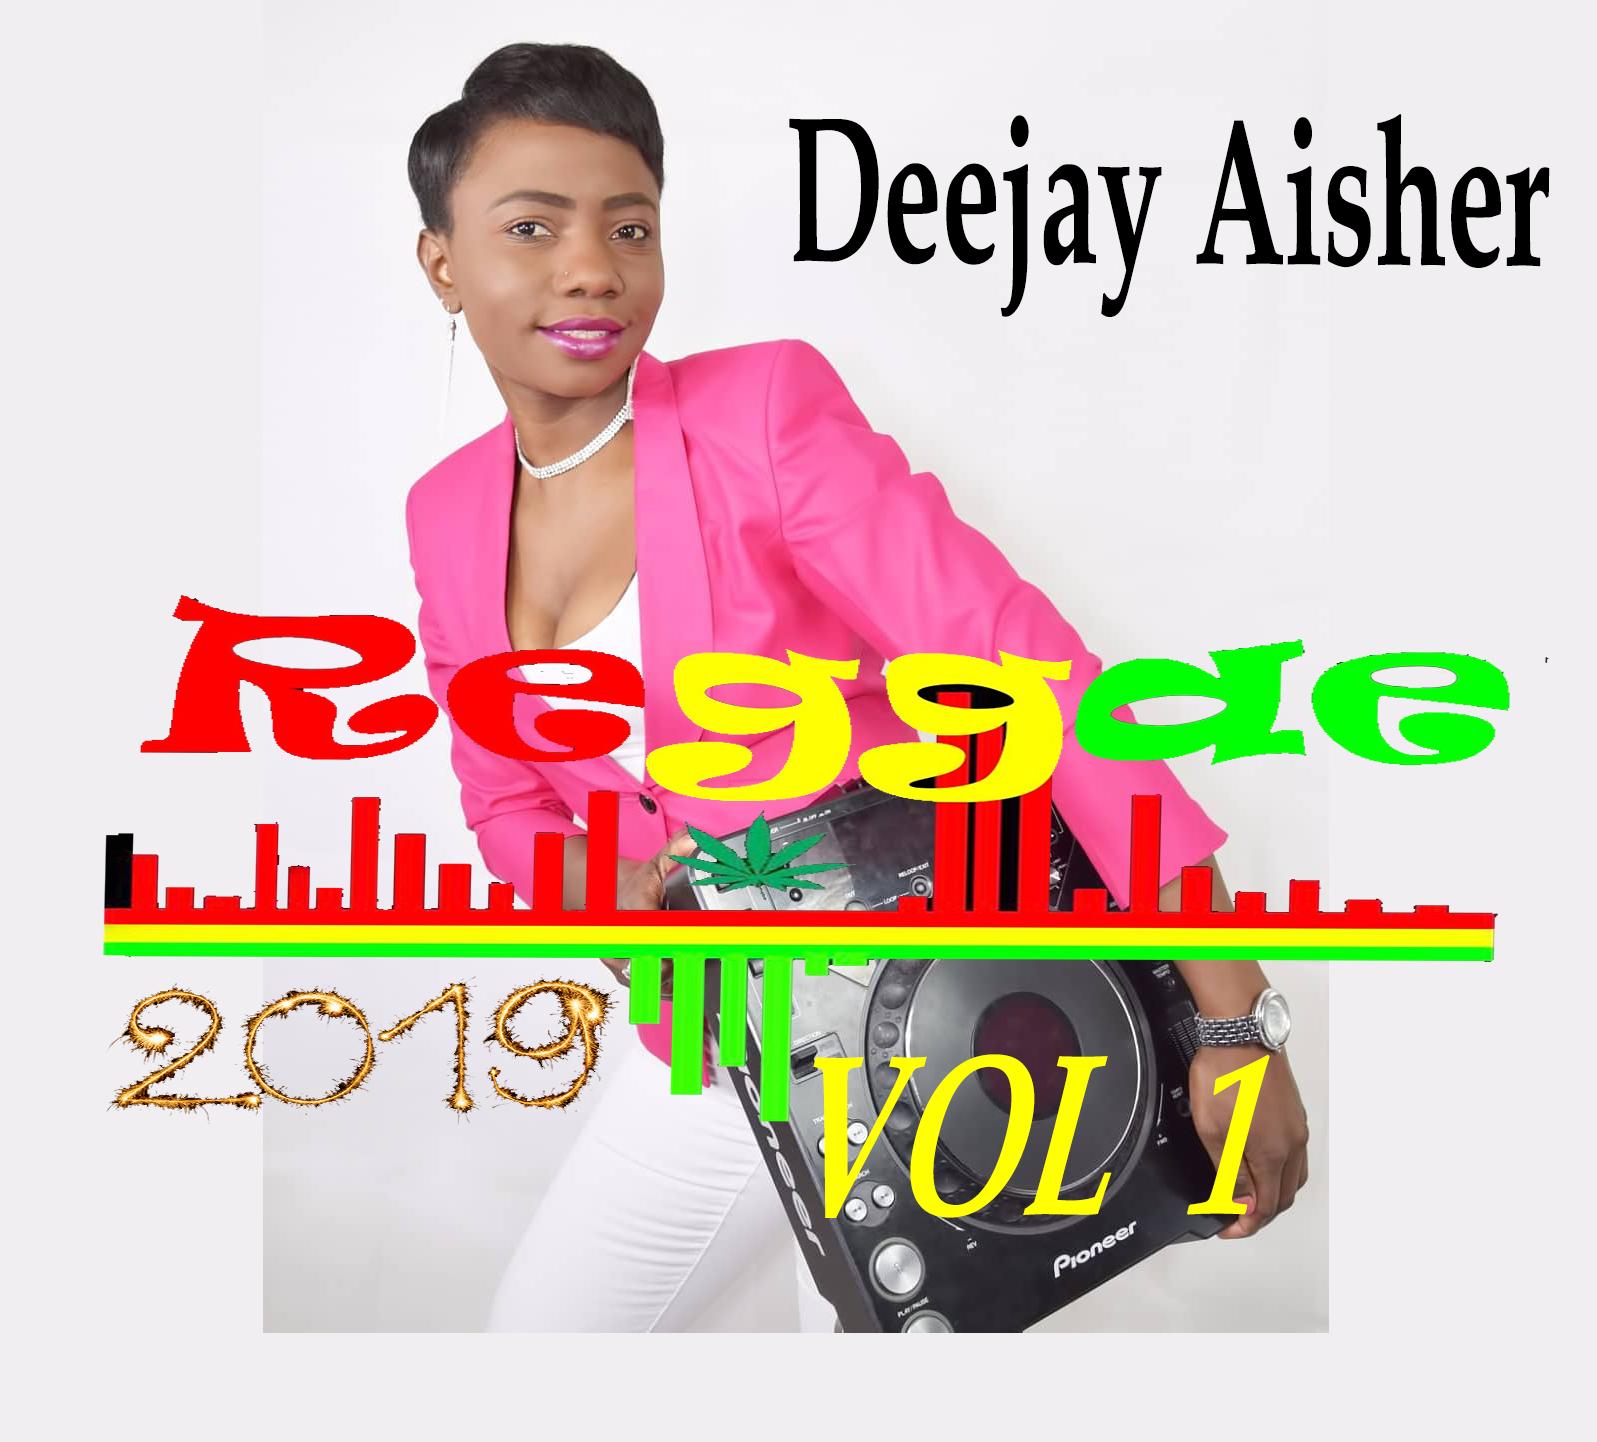 Dj Aisher - REGGAE MIX 2019 VOL 1 Donload ~ Manupearls Unity